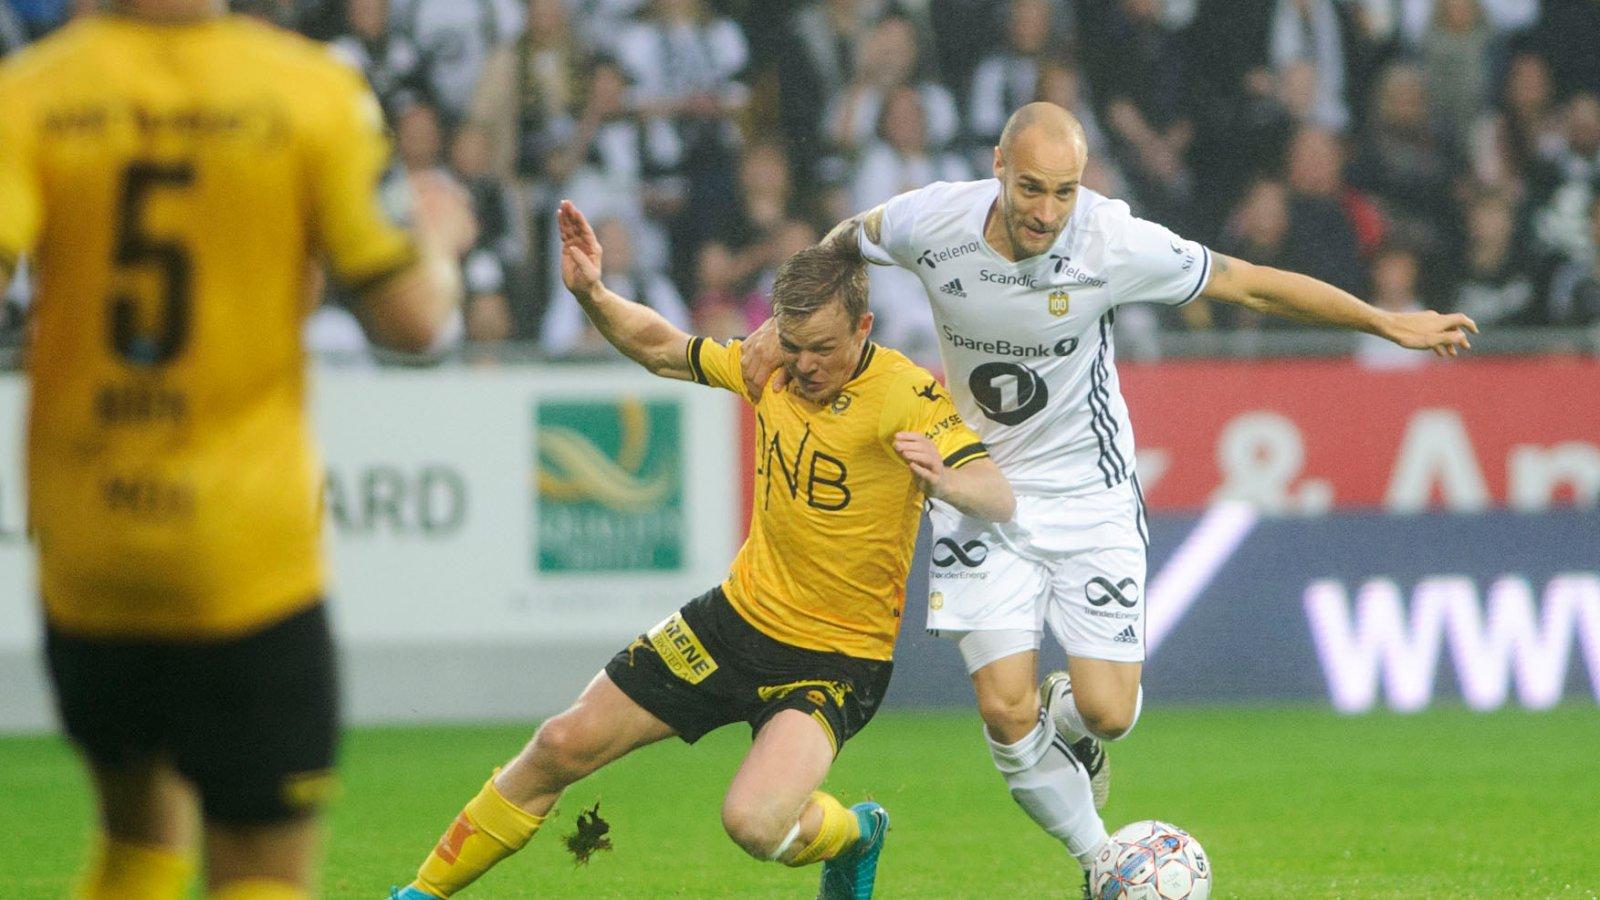 Laget mot Lillestrøm / Rosenborg